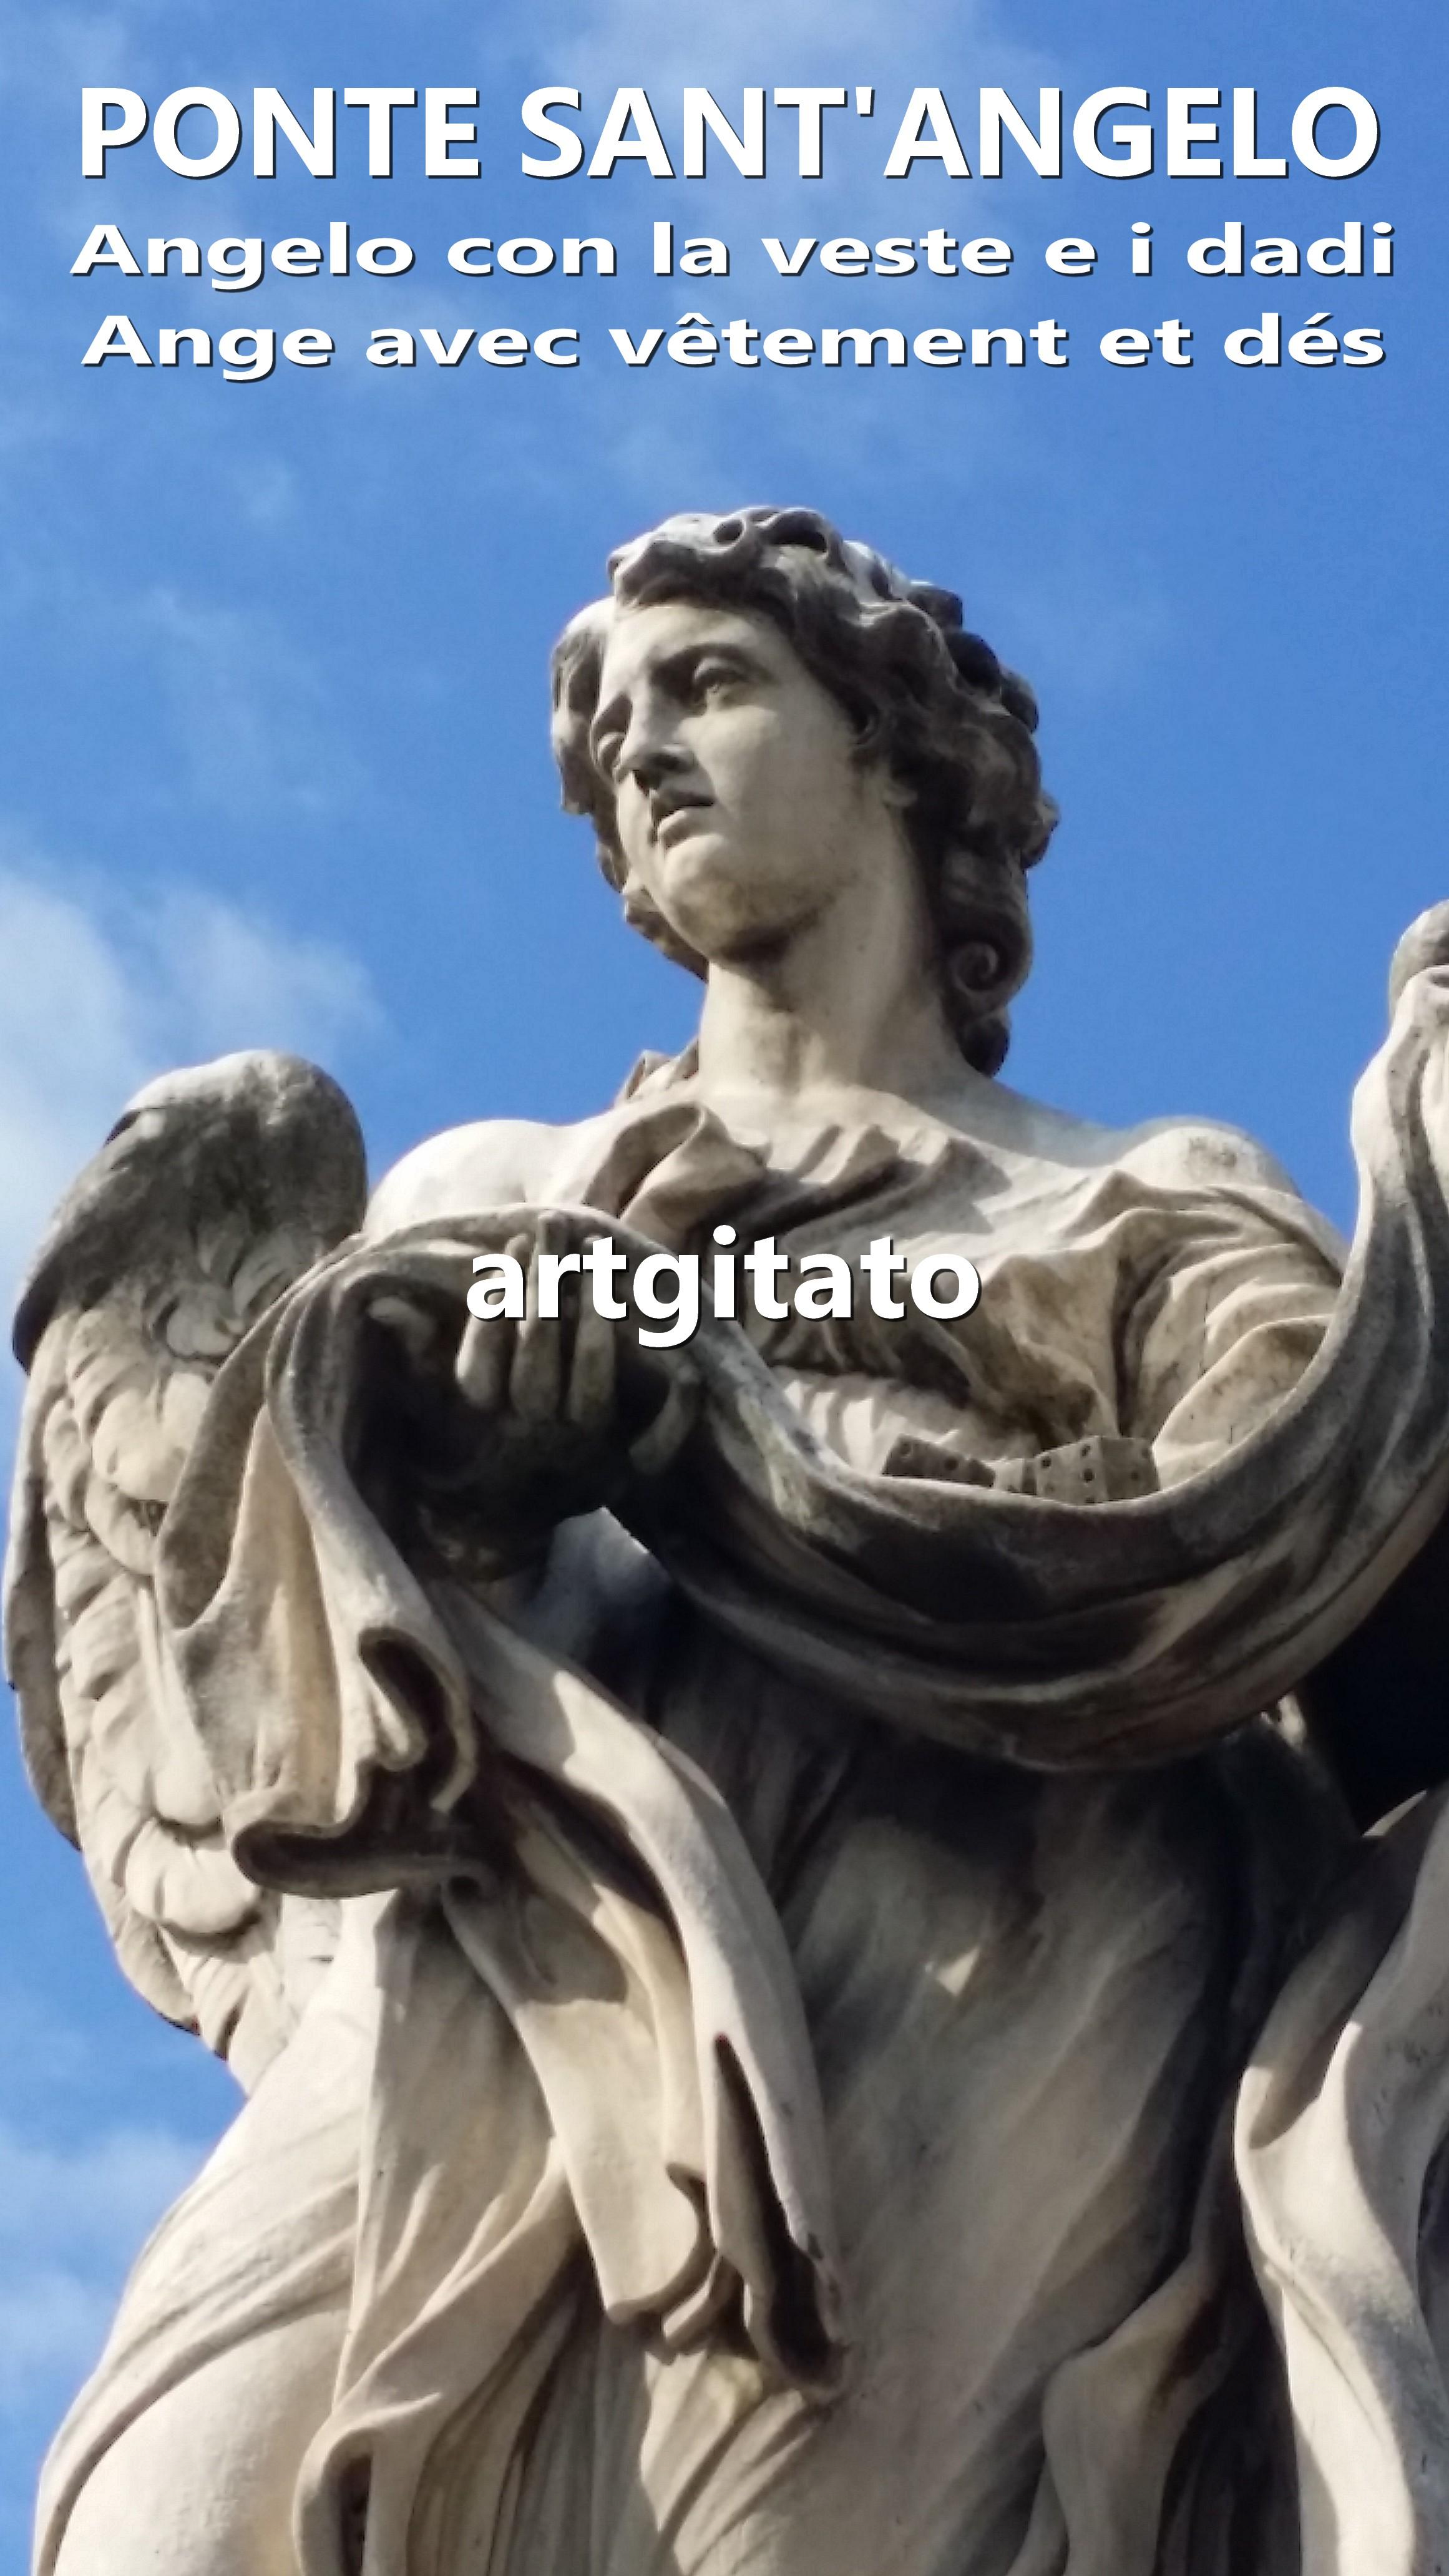 Ponte Sant'Angelo Pont Saint Ange artgitato Rome Roma Angelo con la veste e i dadi 1